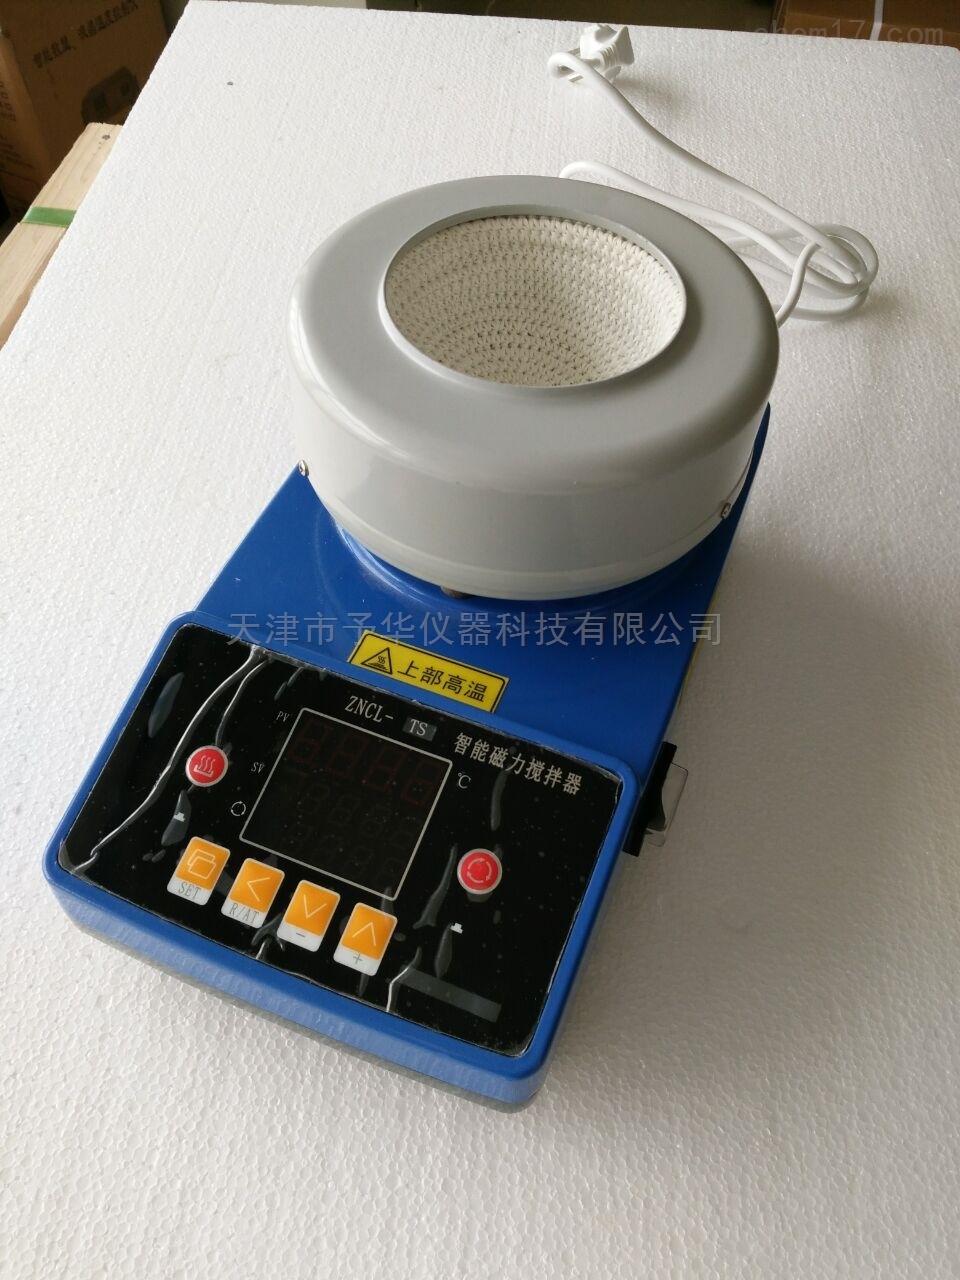 ZNCL-TS-250ml智能数显磁力搅拌(电热套)